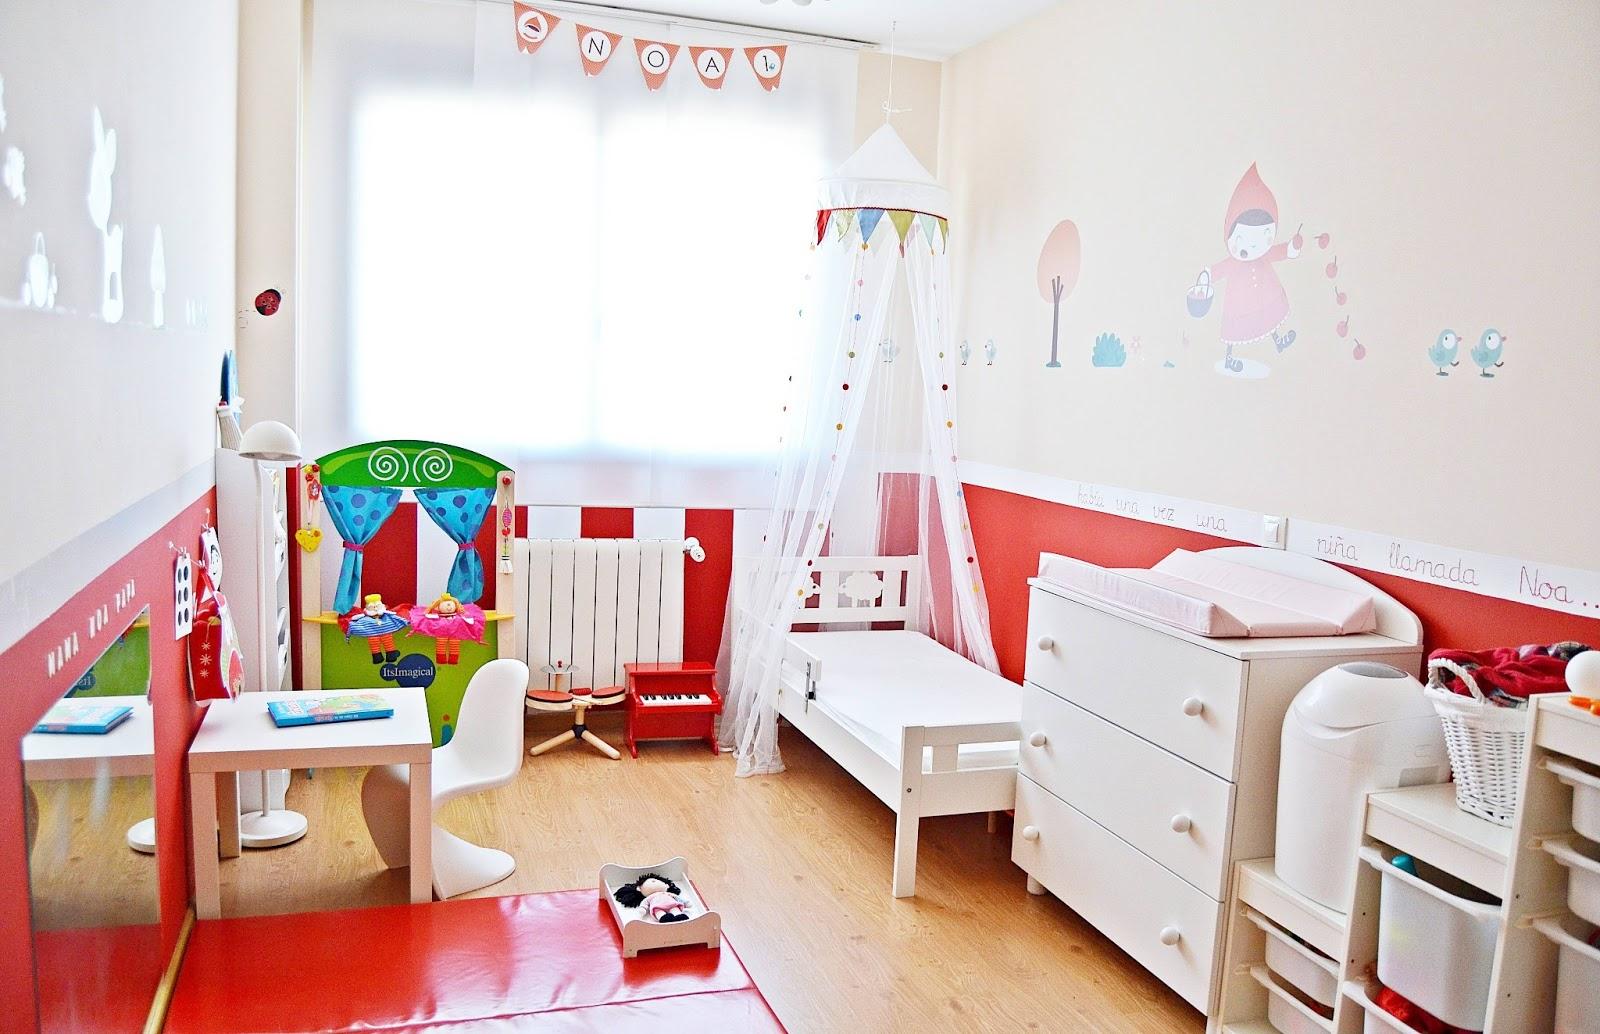 Mam de noa cambio de habitaci n de beb a mayor - Camas de bebe ikea ...